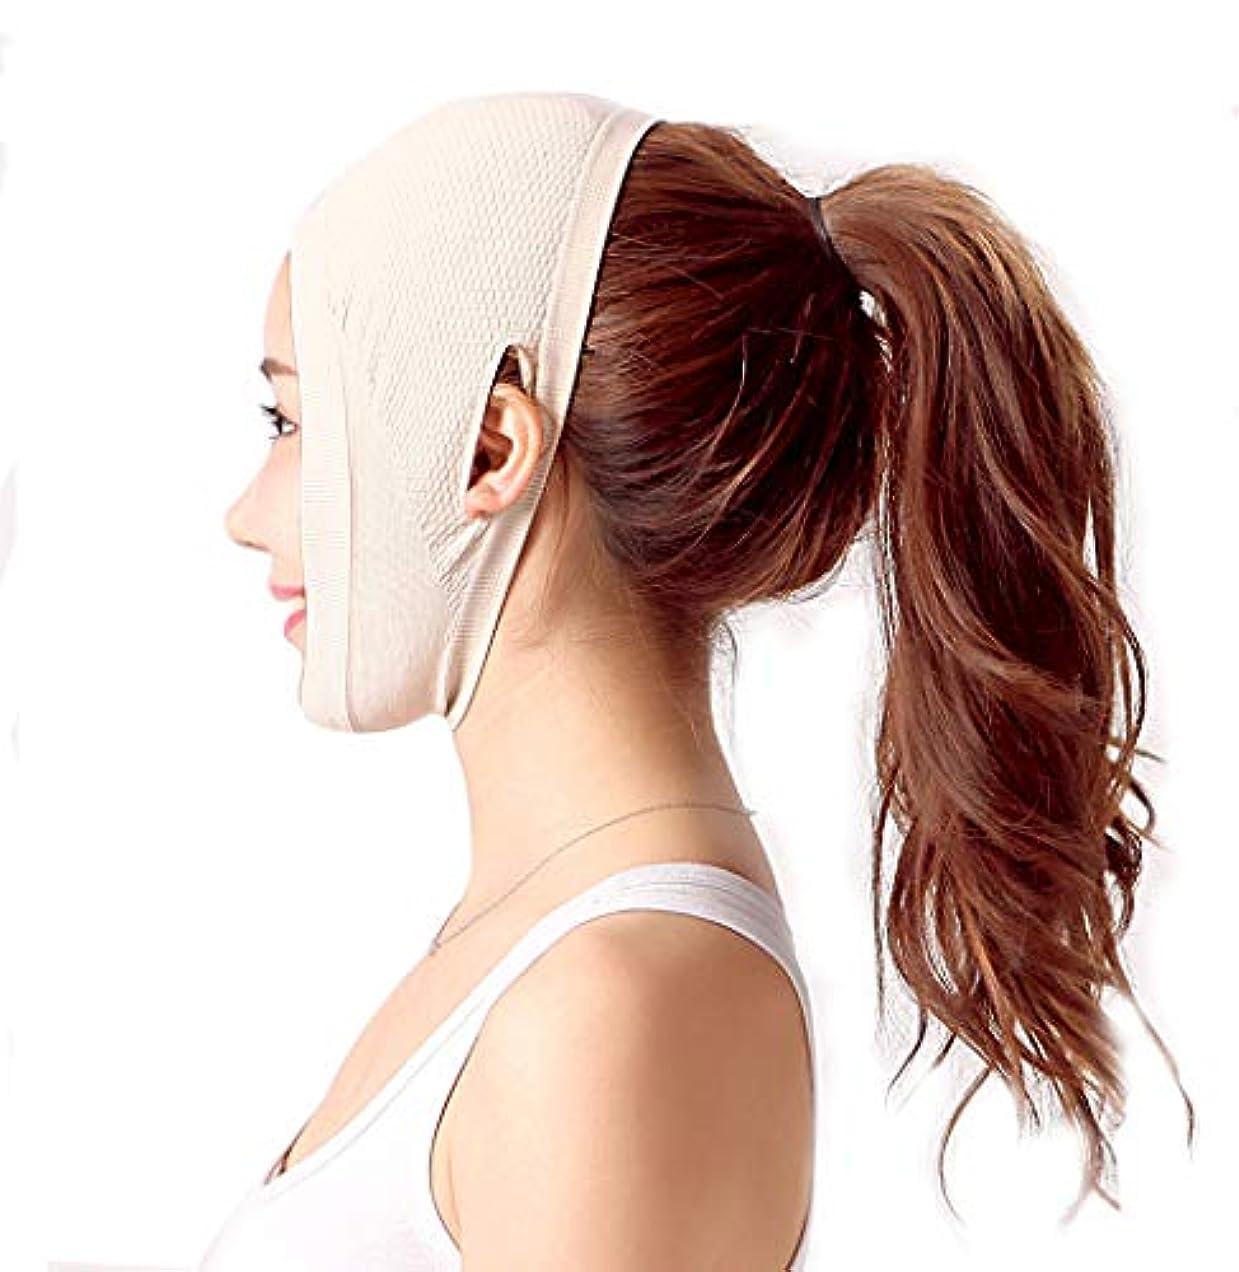 抵抗力がある深く現実にはGLJJQMY フェイスリフティング包帯術後回復マスクリフティング包帯薄い顔アーティファクト薄い二重あご薄い筋肉マスク 顔用整形マスク (Color : Skin tone(A))